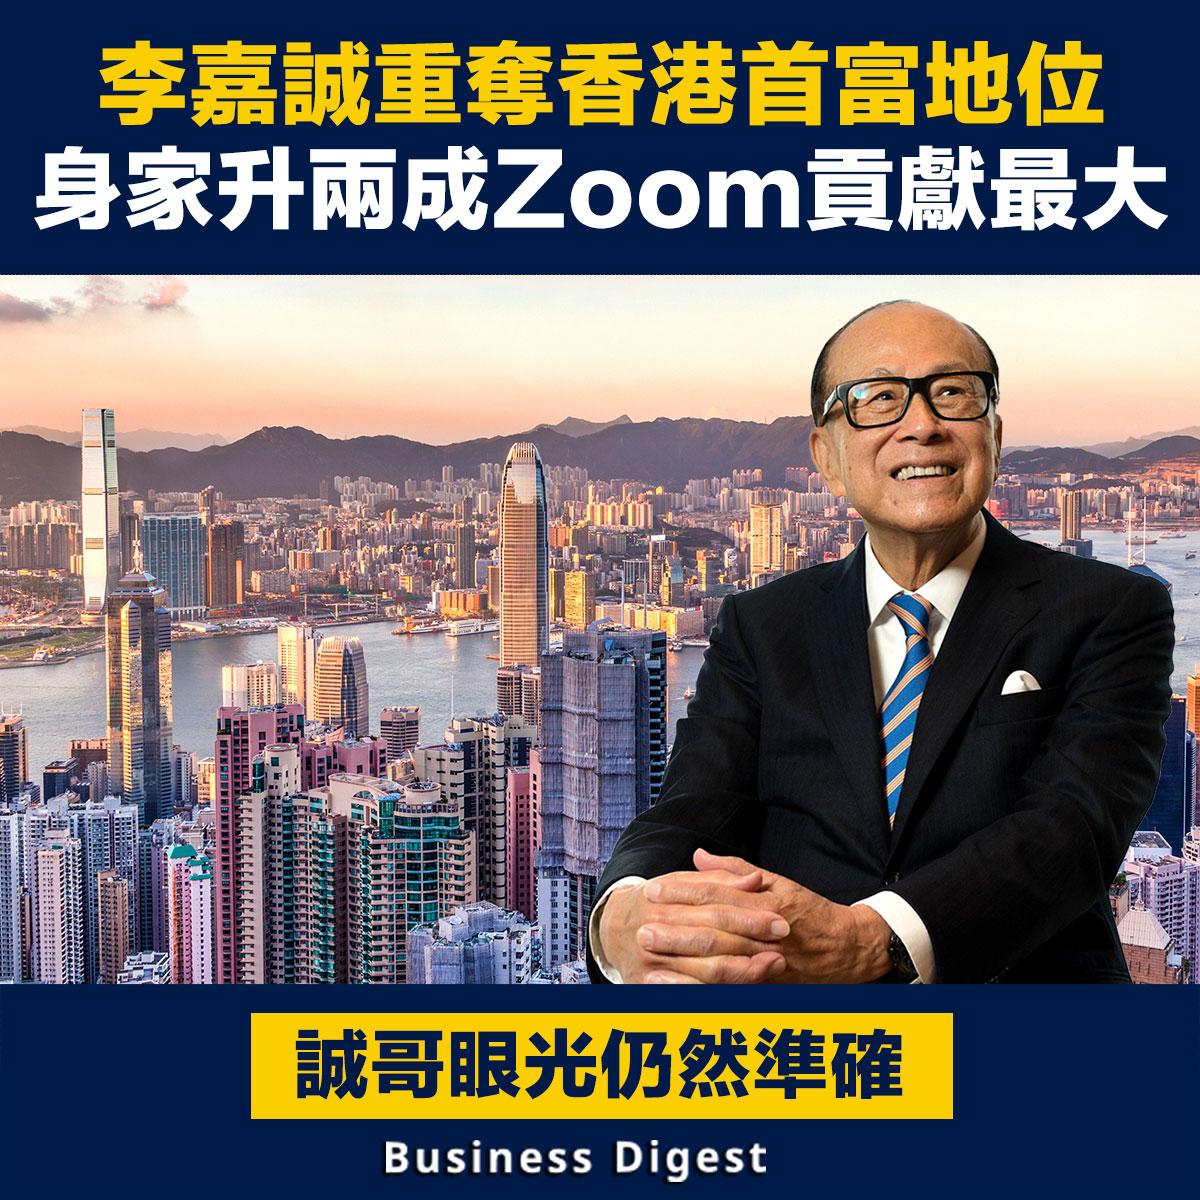 李嘉誠重奪香港首富地位,身家升兩成Zoom貢獻最大